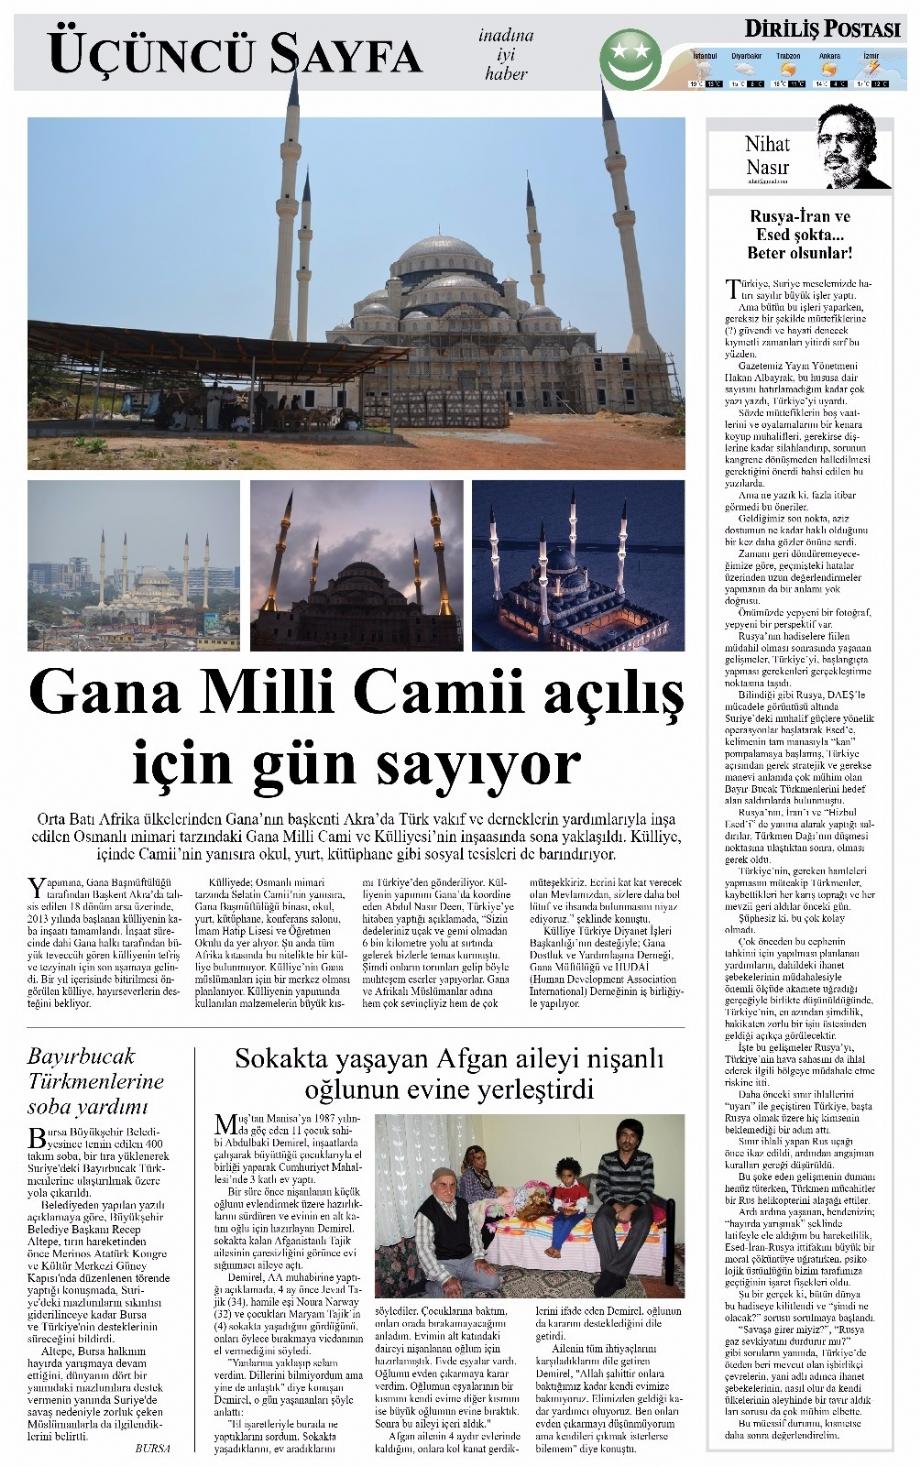 Gana Milli Camii açılış için gün sayıyor - BASINDA BİZ - Gana Dostuk ve Yardımlaşma Derneği